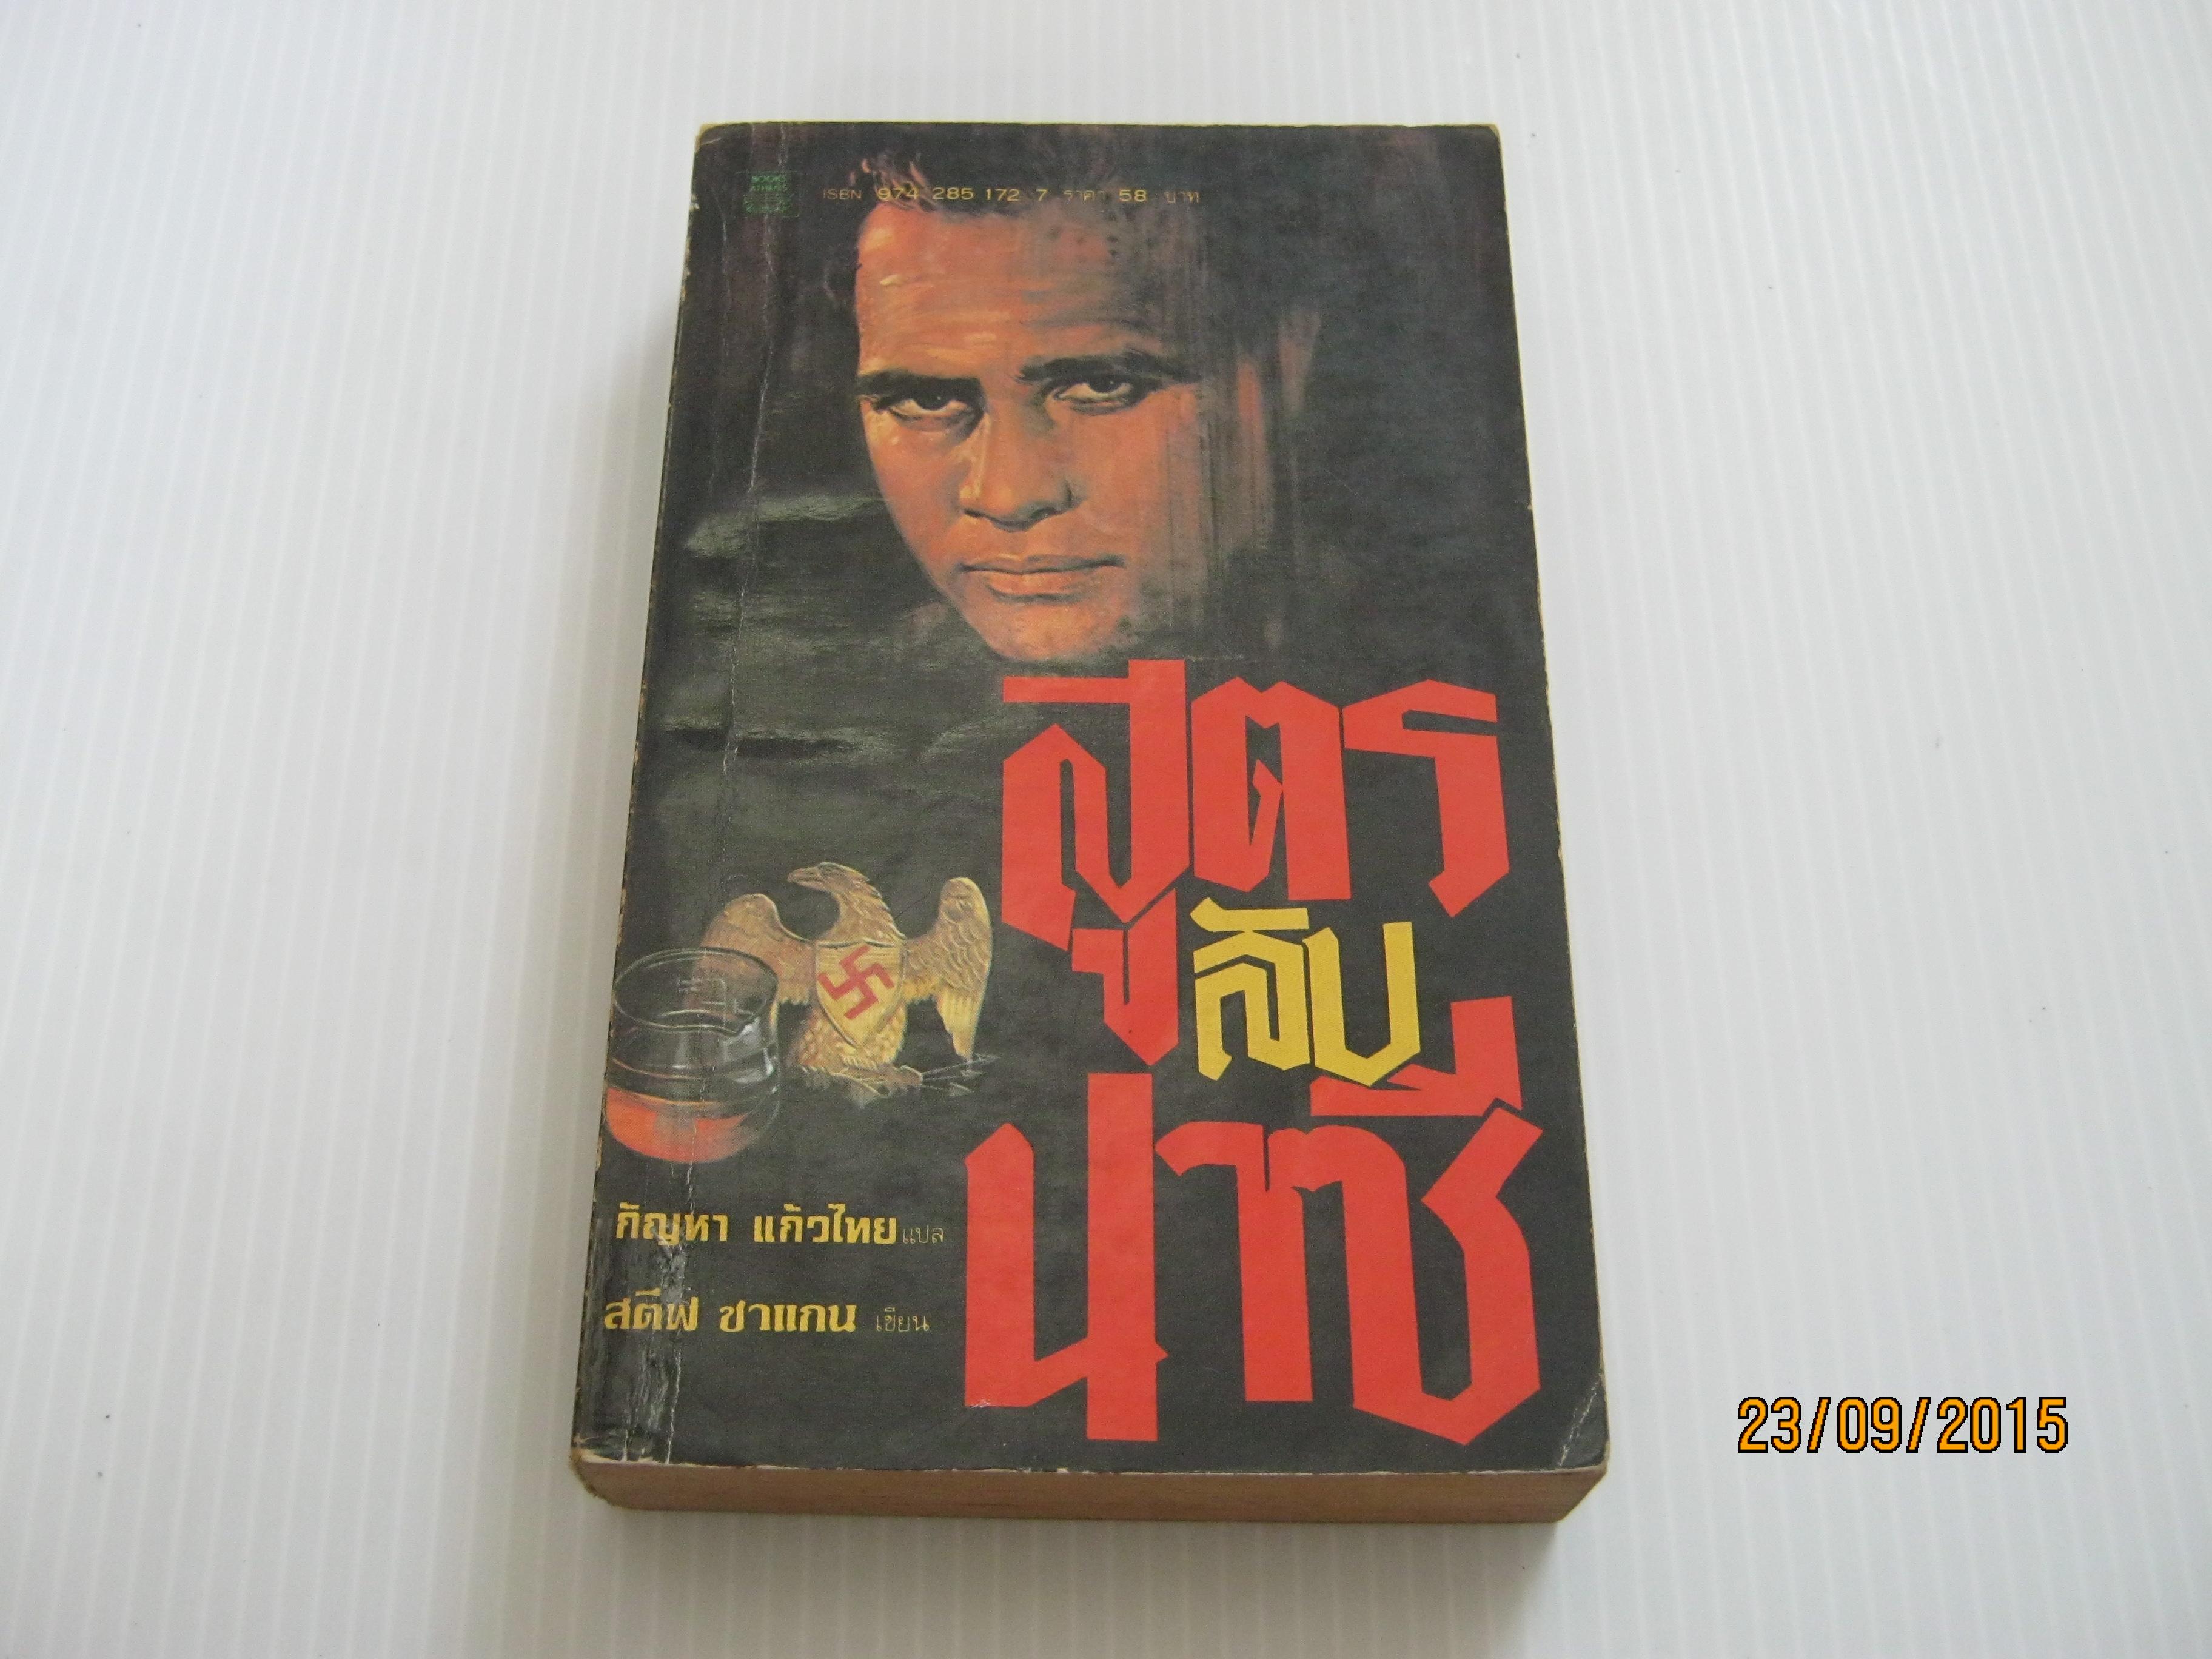 สูตรลับนาซี สตีฟ ชาแกน เขียน กัณหา แก้วไทย แปล